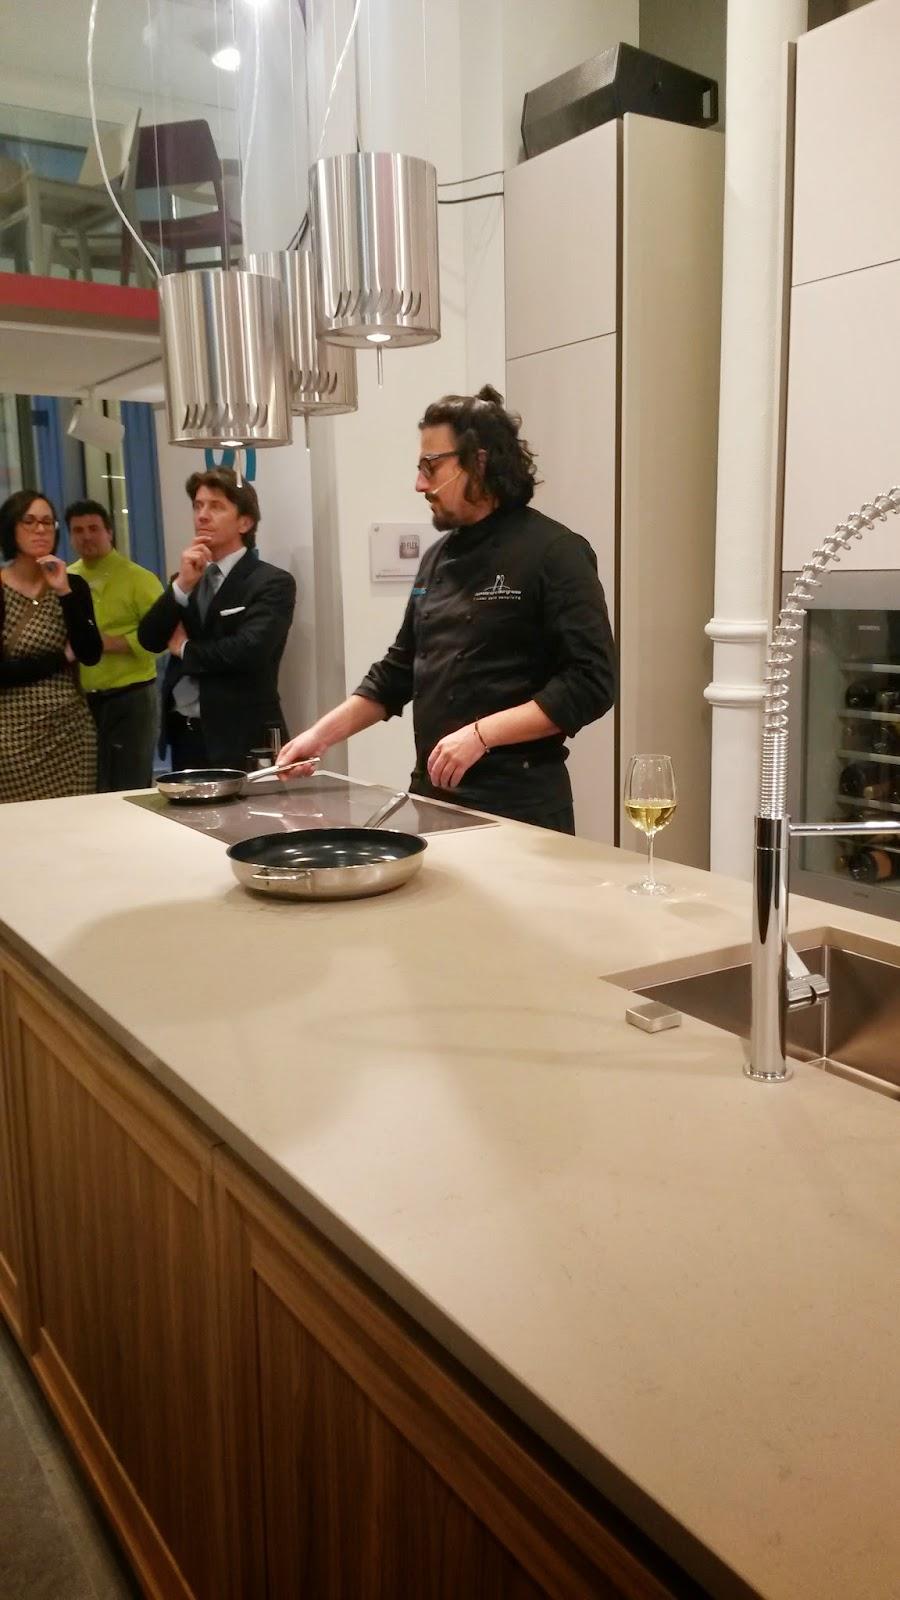 grandi chef alessandro borghese e Bruno Barbieri da veneta cucine Milano per il fuorisalone